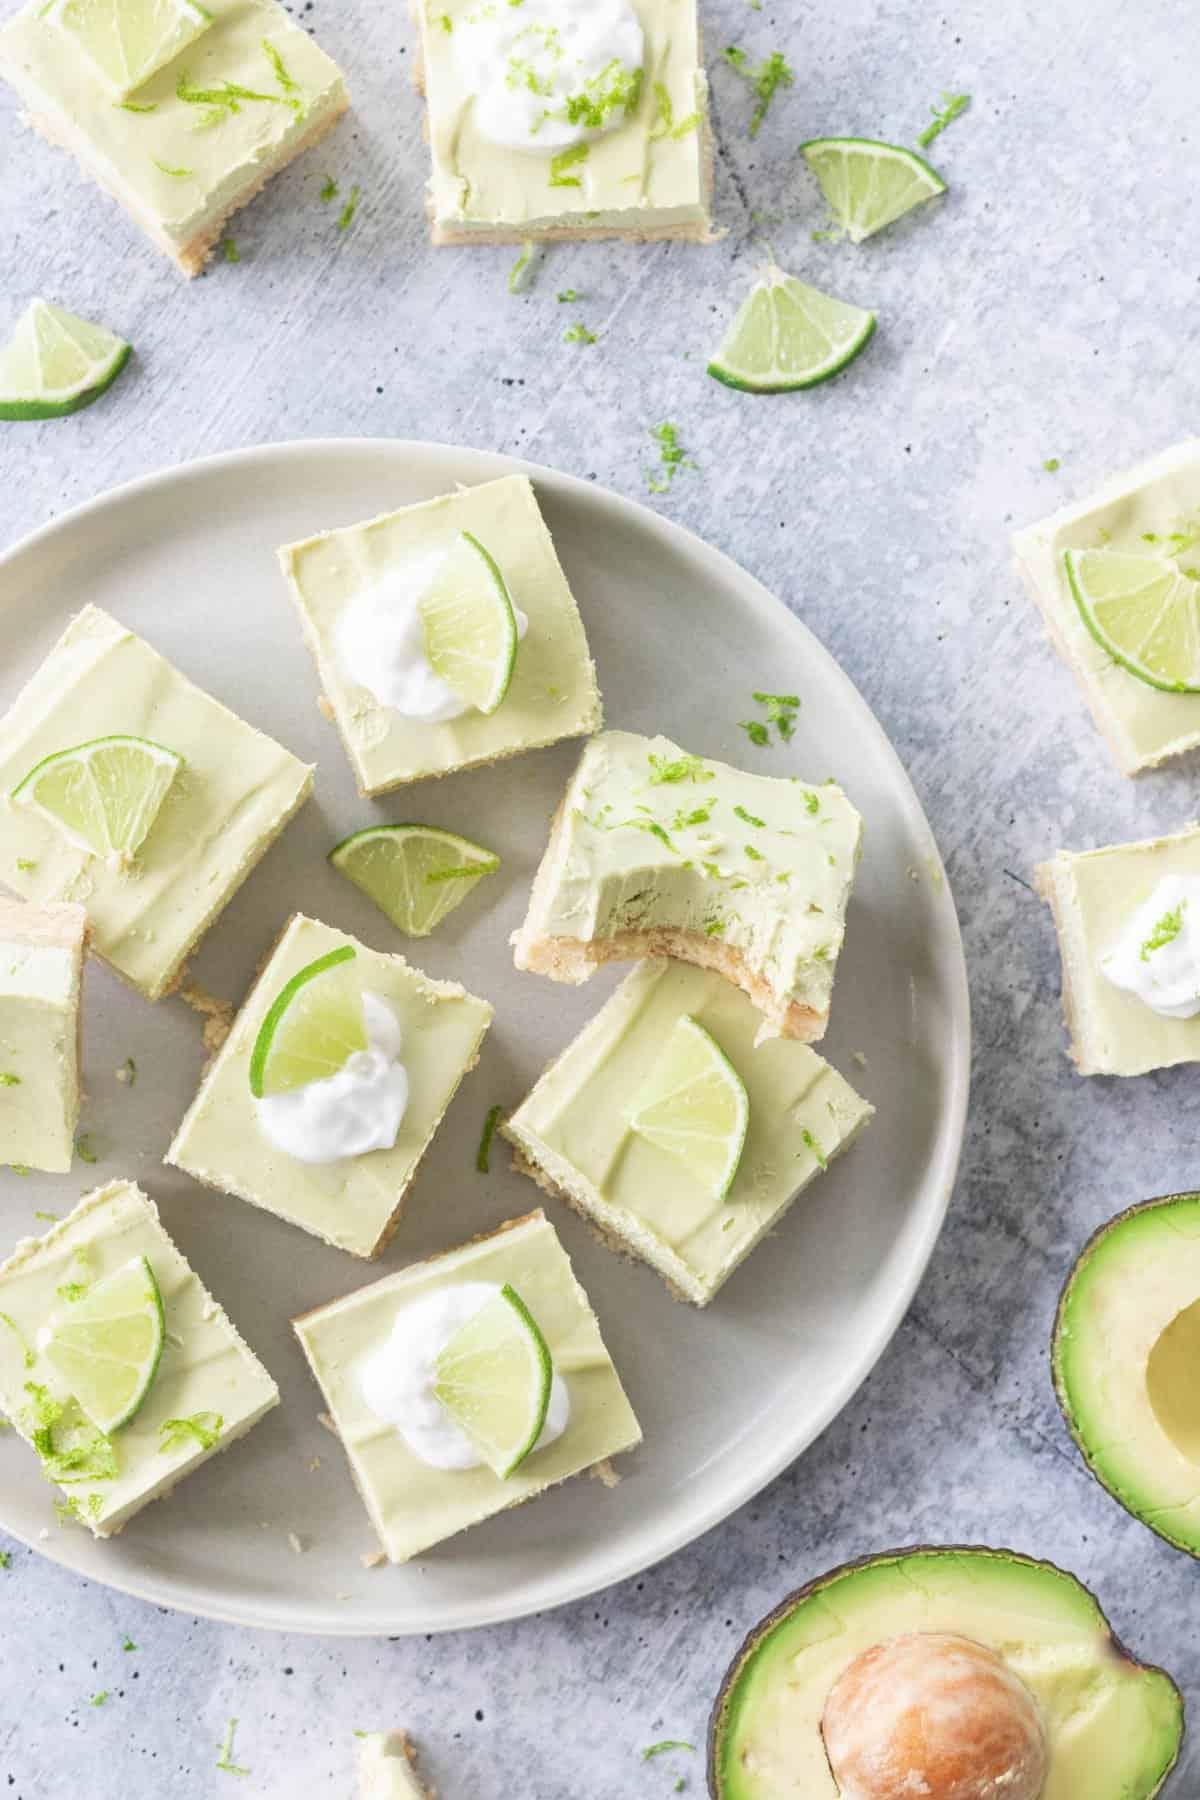 Avocado Key Lime Pie Bars